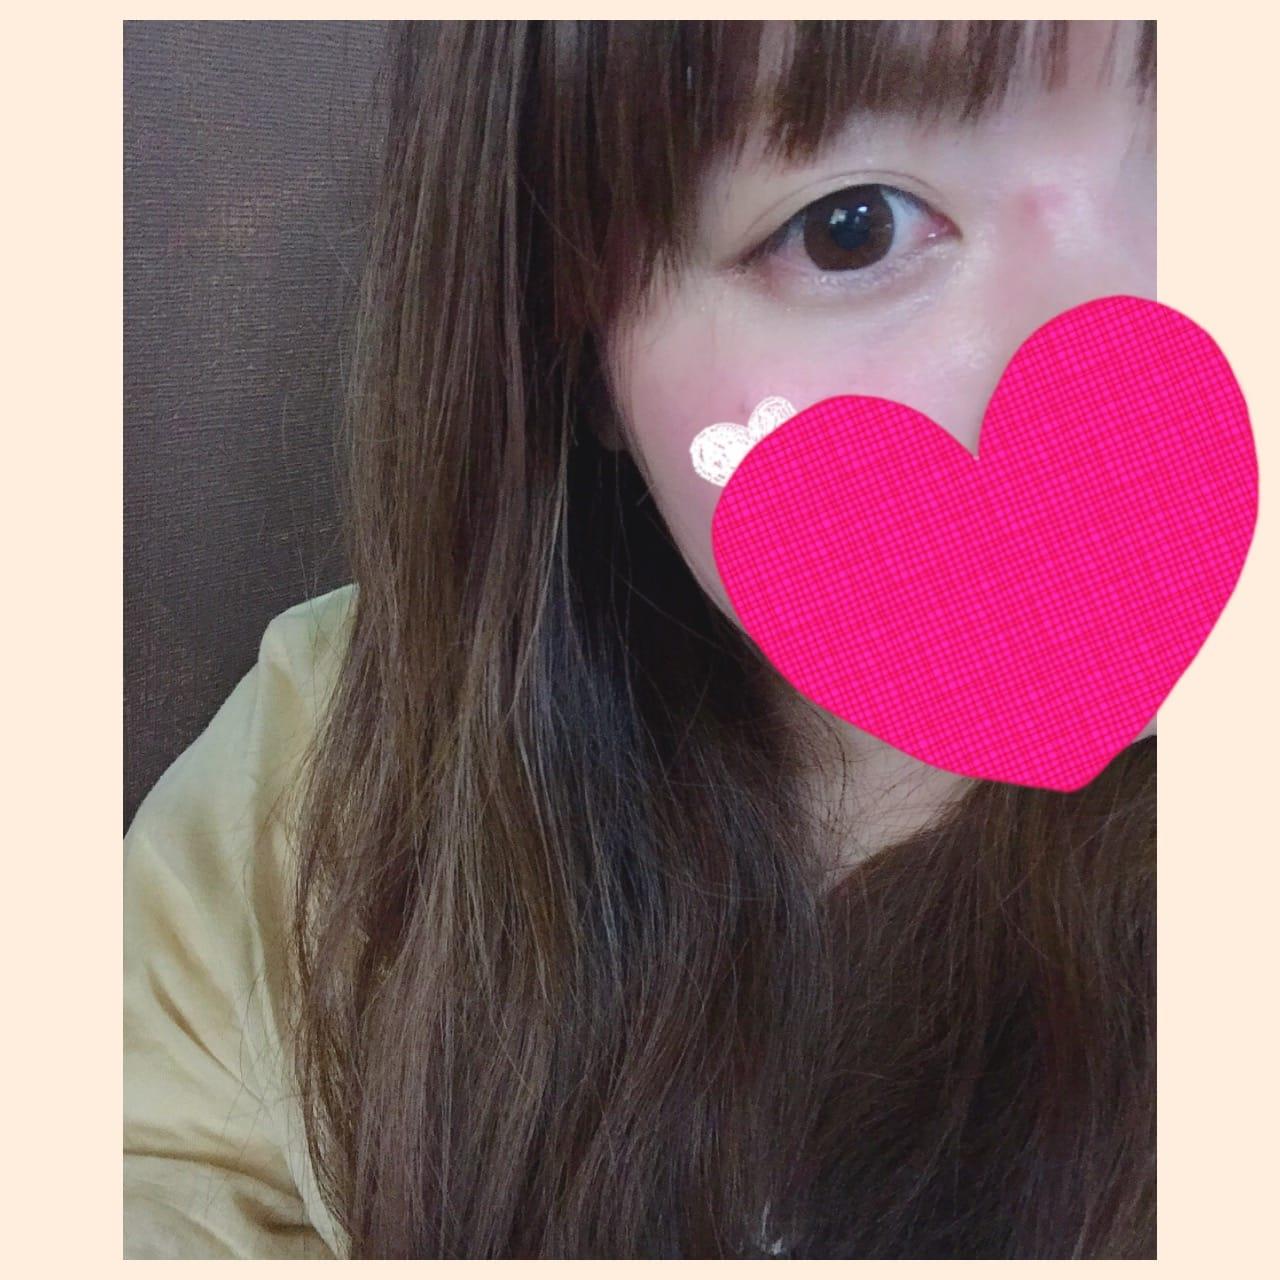 「こんにちは(・∀・)」04/04(04/04) 15:20 | うたの写メ・風俗動画